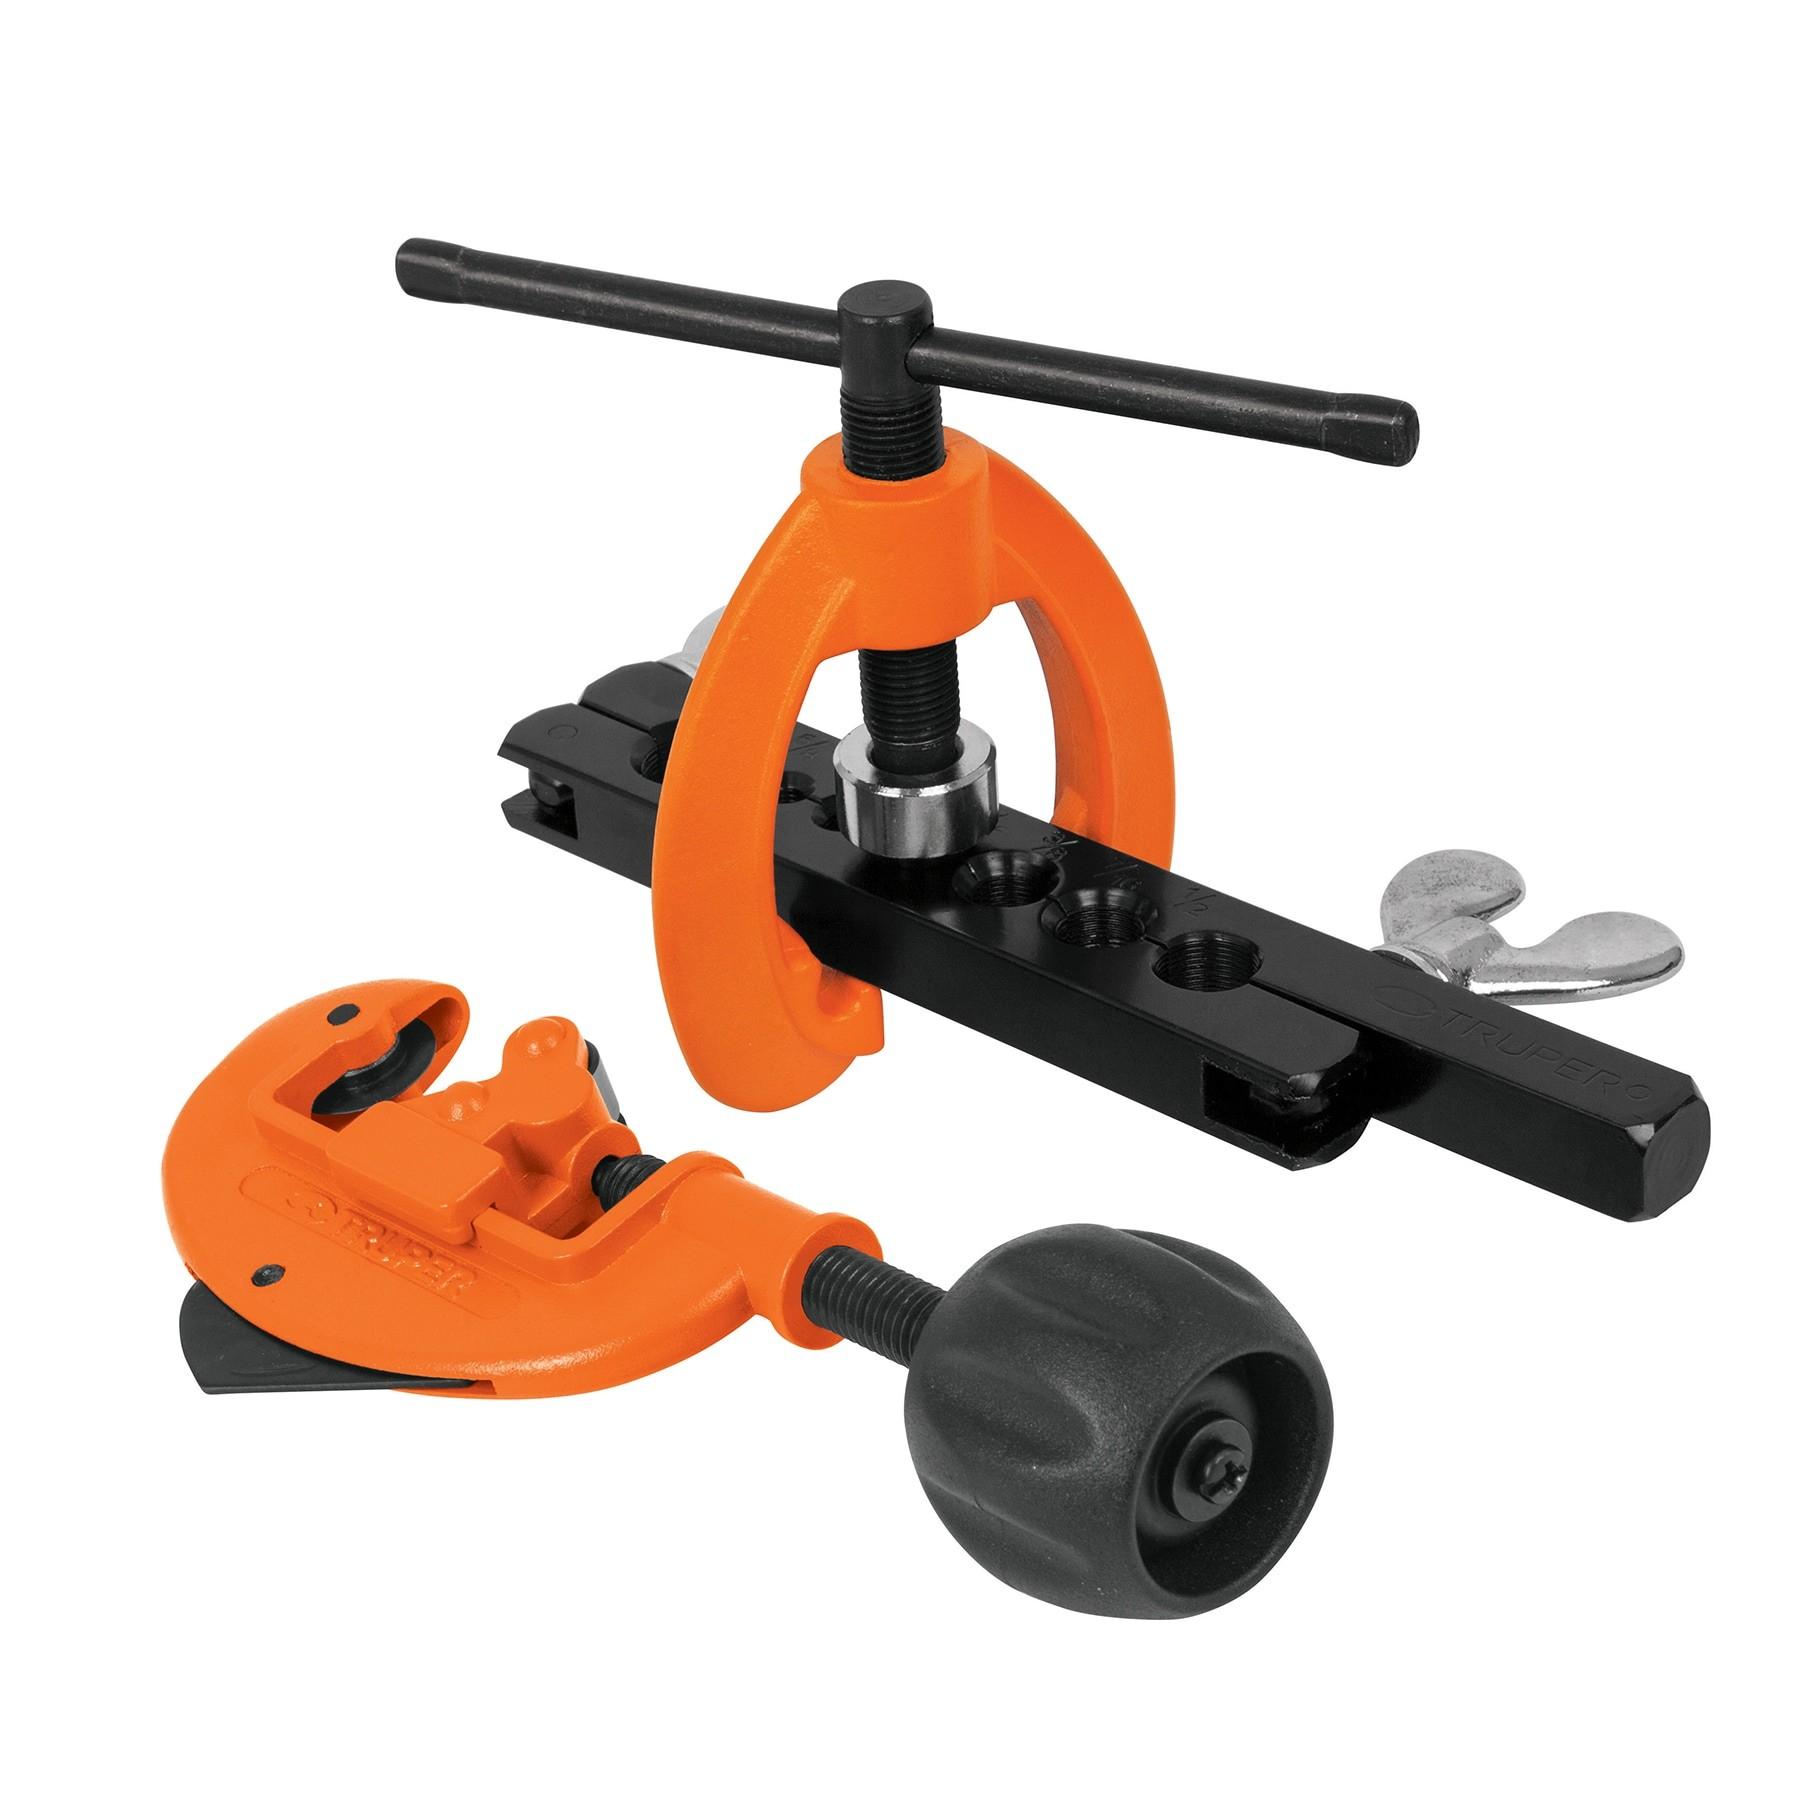 Juego de cortador de tubo y avellanador, 3 piezas